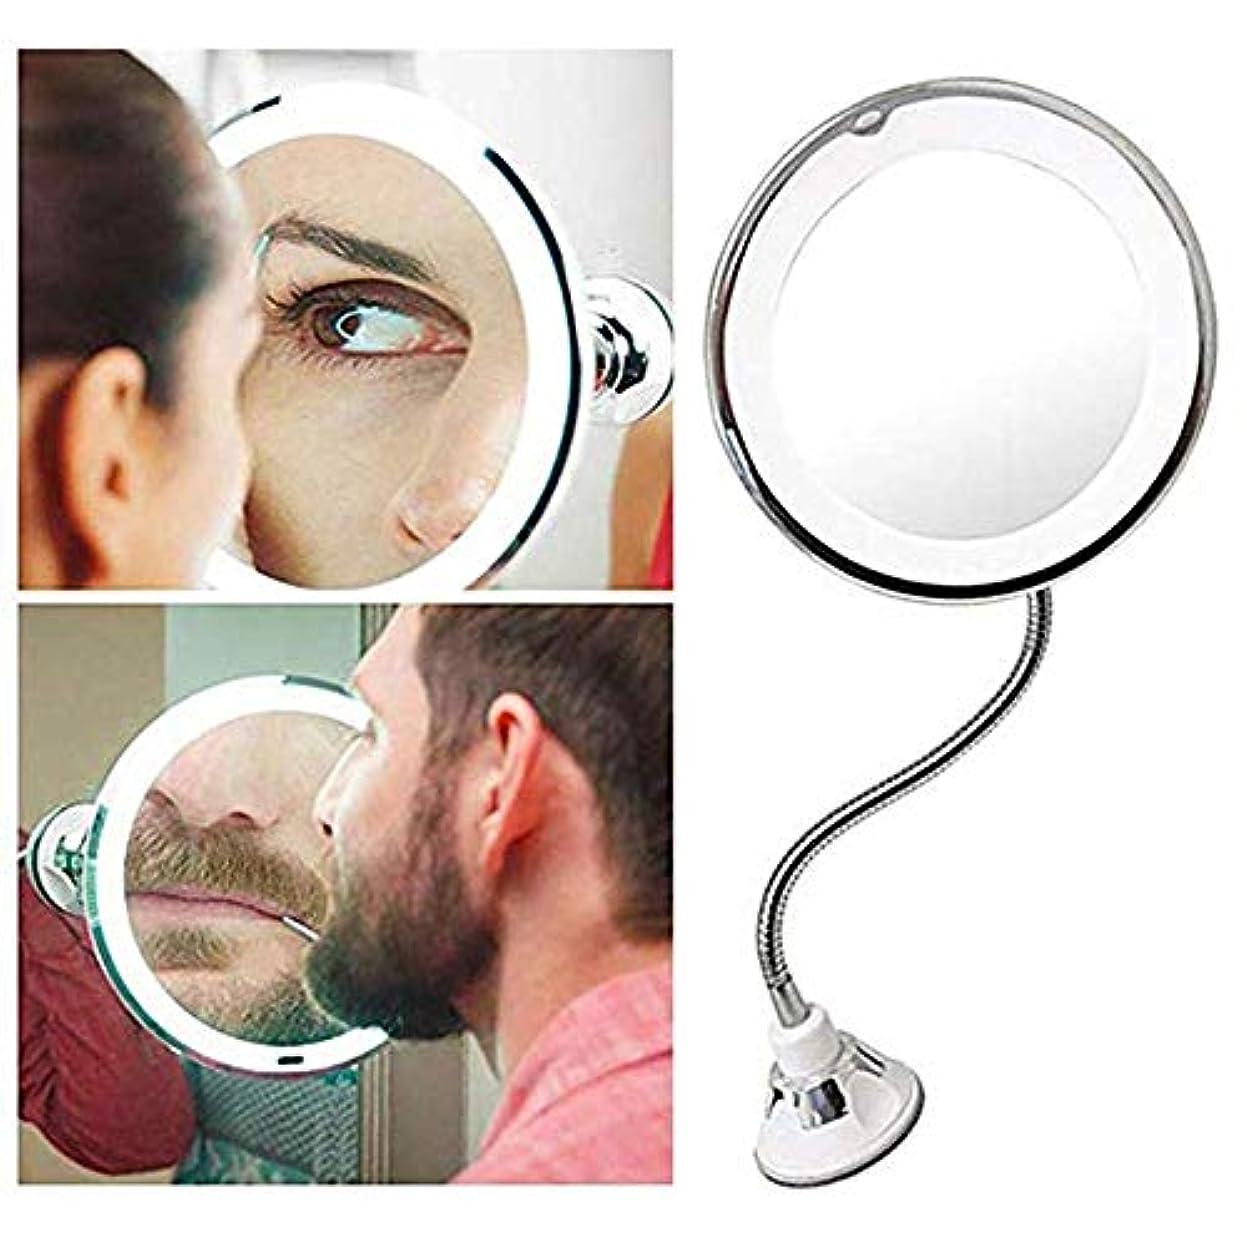 尊厳観光ちっちゃい7倍 LED化粧鏡 風呂鏡 吸盤ロック付き 浴室鏡 化粧ミラー 360度回転 メイクミラー LUERME 吸盤ロック付き 化粧ミラー シャワーミラー 鏡面直径17CM